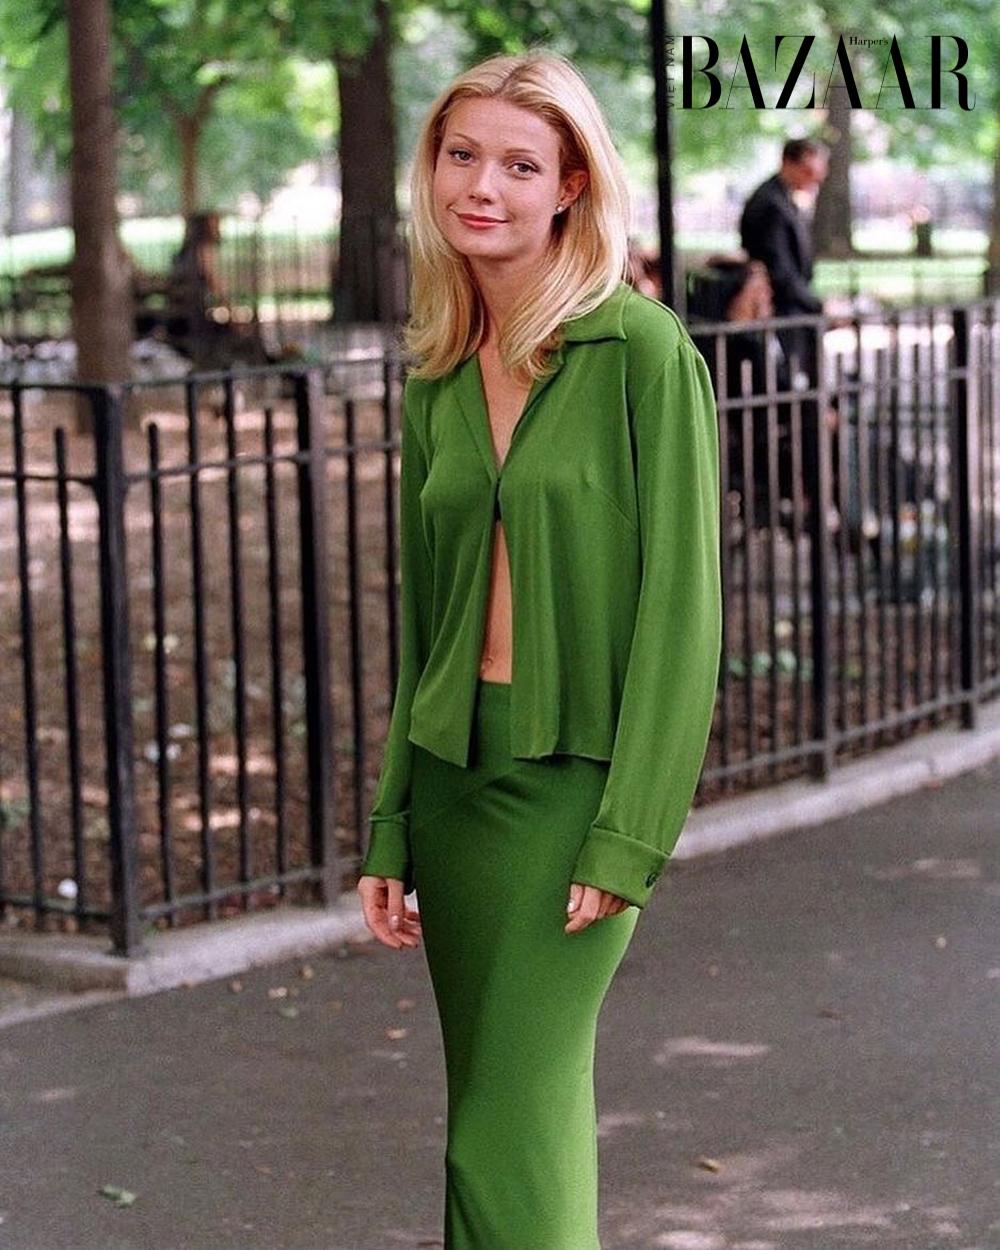 BZ-green-dress-on-screen-paltrow-great-expectations-1998-1-culturedzz